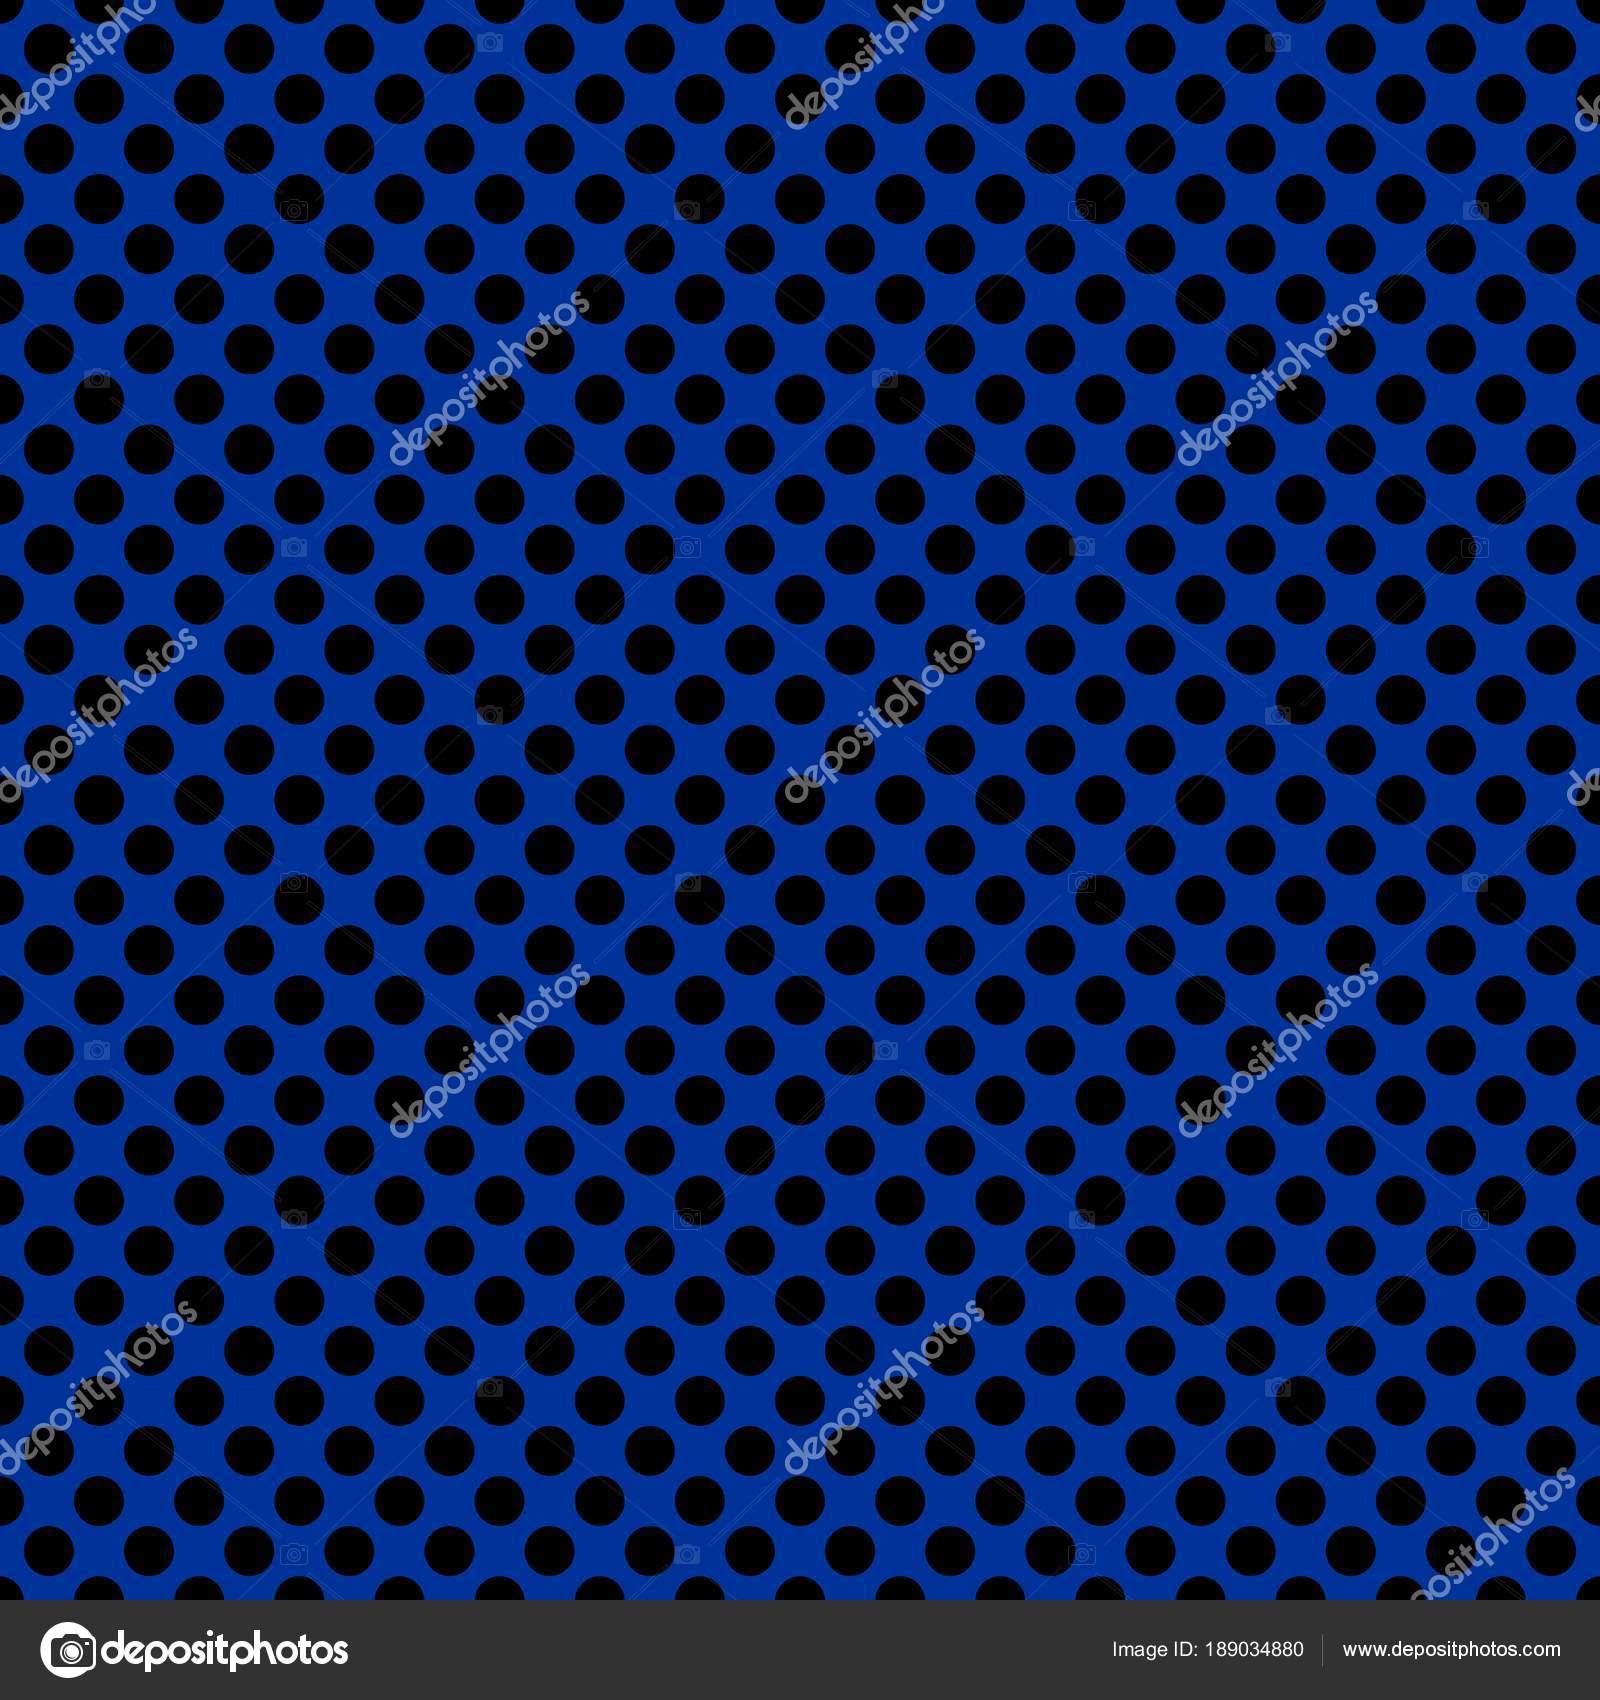 12183f539f Σχέδιο Κεραμιδιών Διάνυσμα Μαύρο Πουά Ναυτικό Μπλε Φόντο — Διανυσματικό  Αρχείο